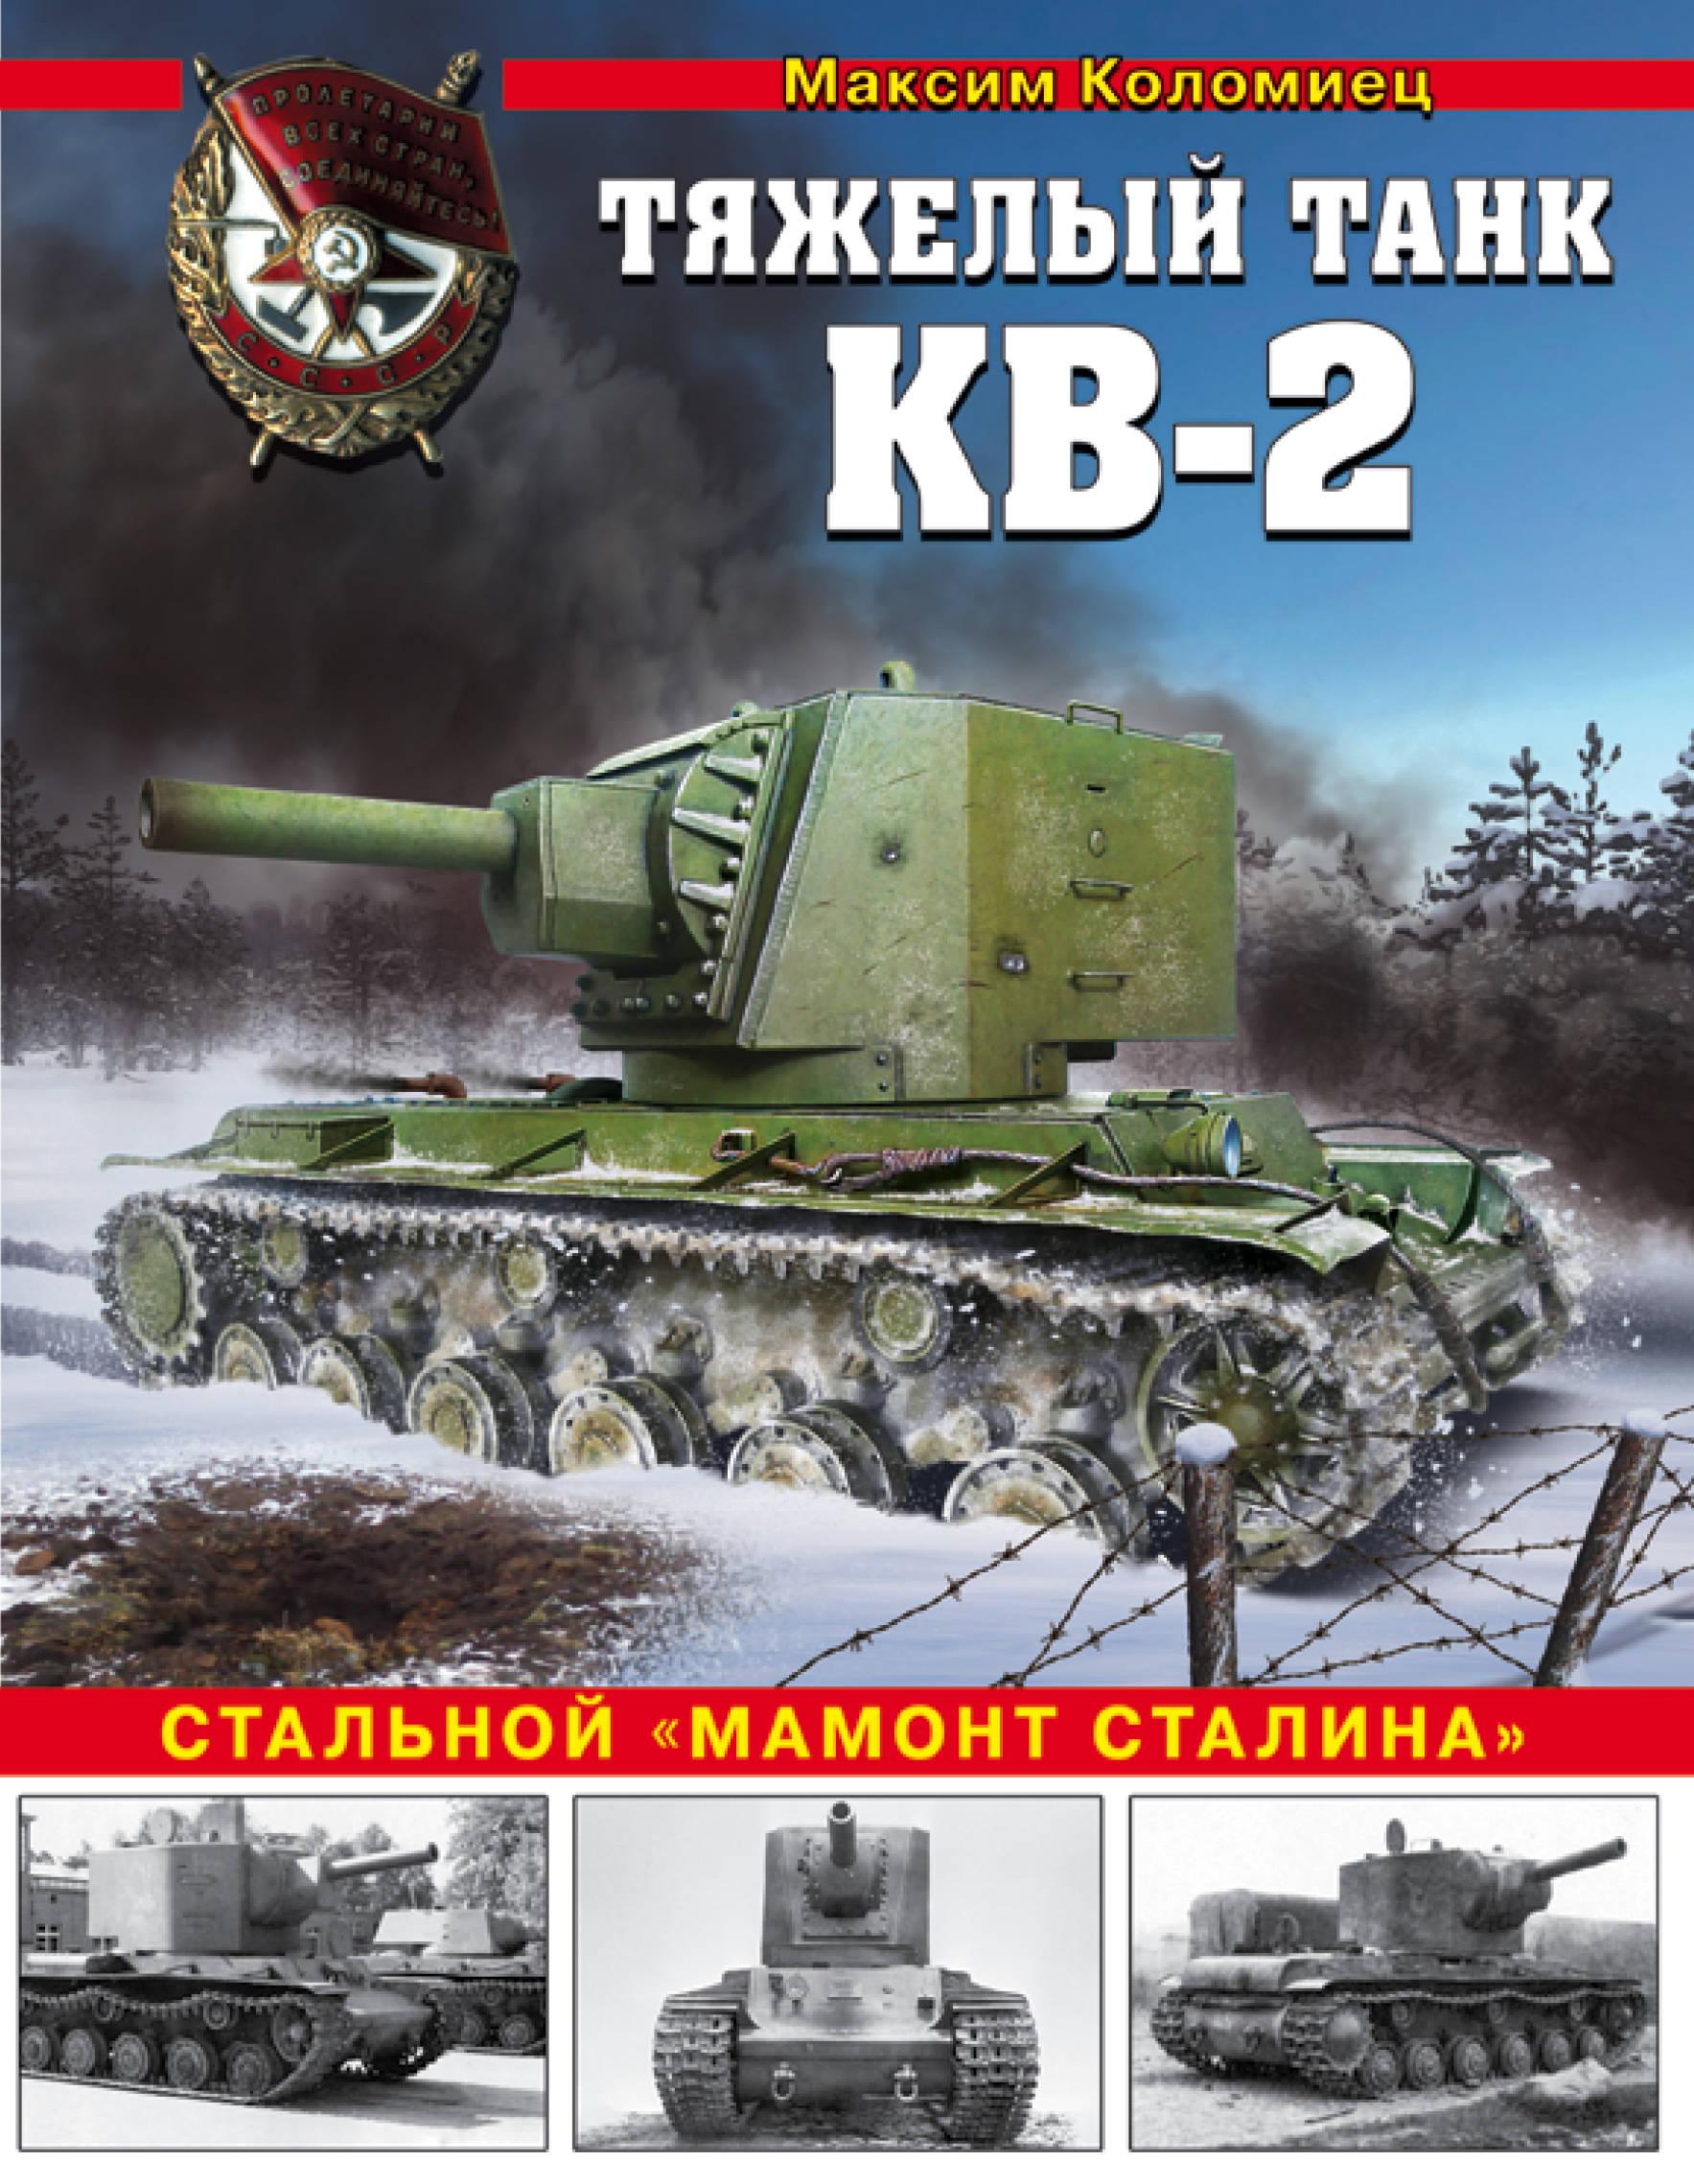 Тяжелый танк КВ-2. Стальной мамонт Сталина